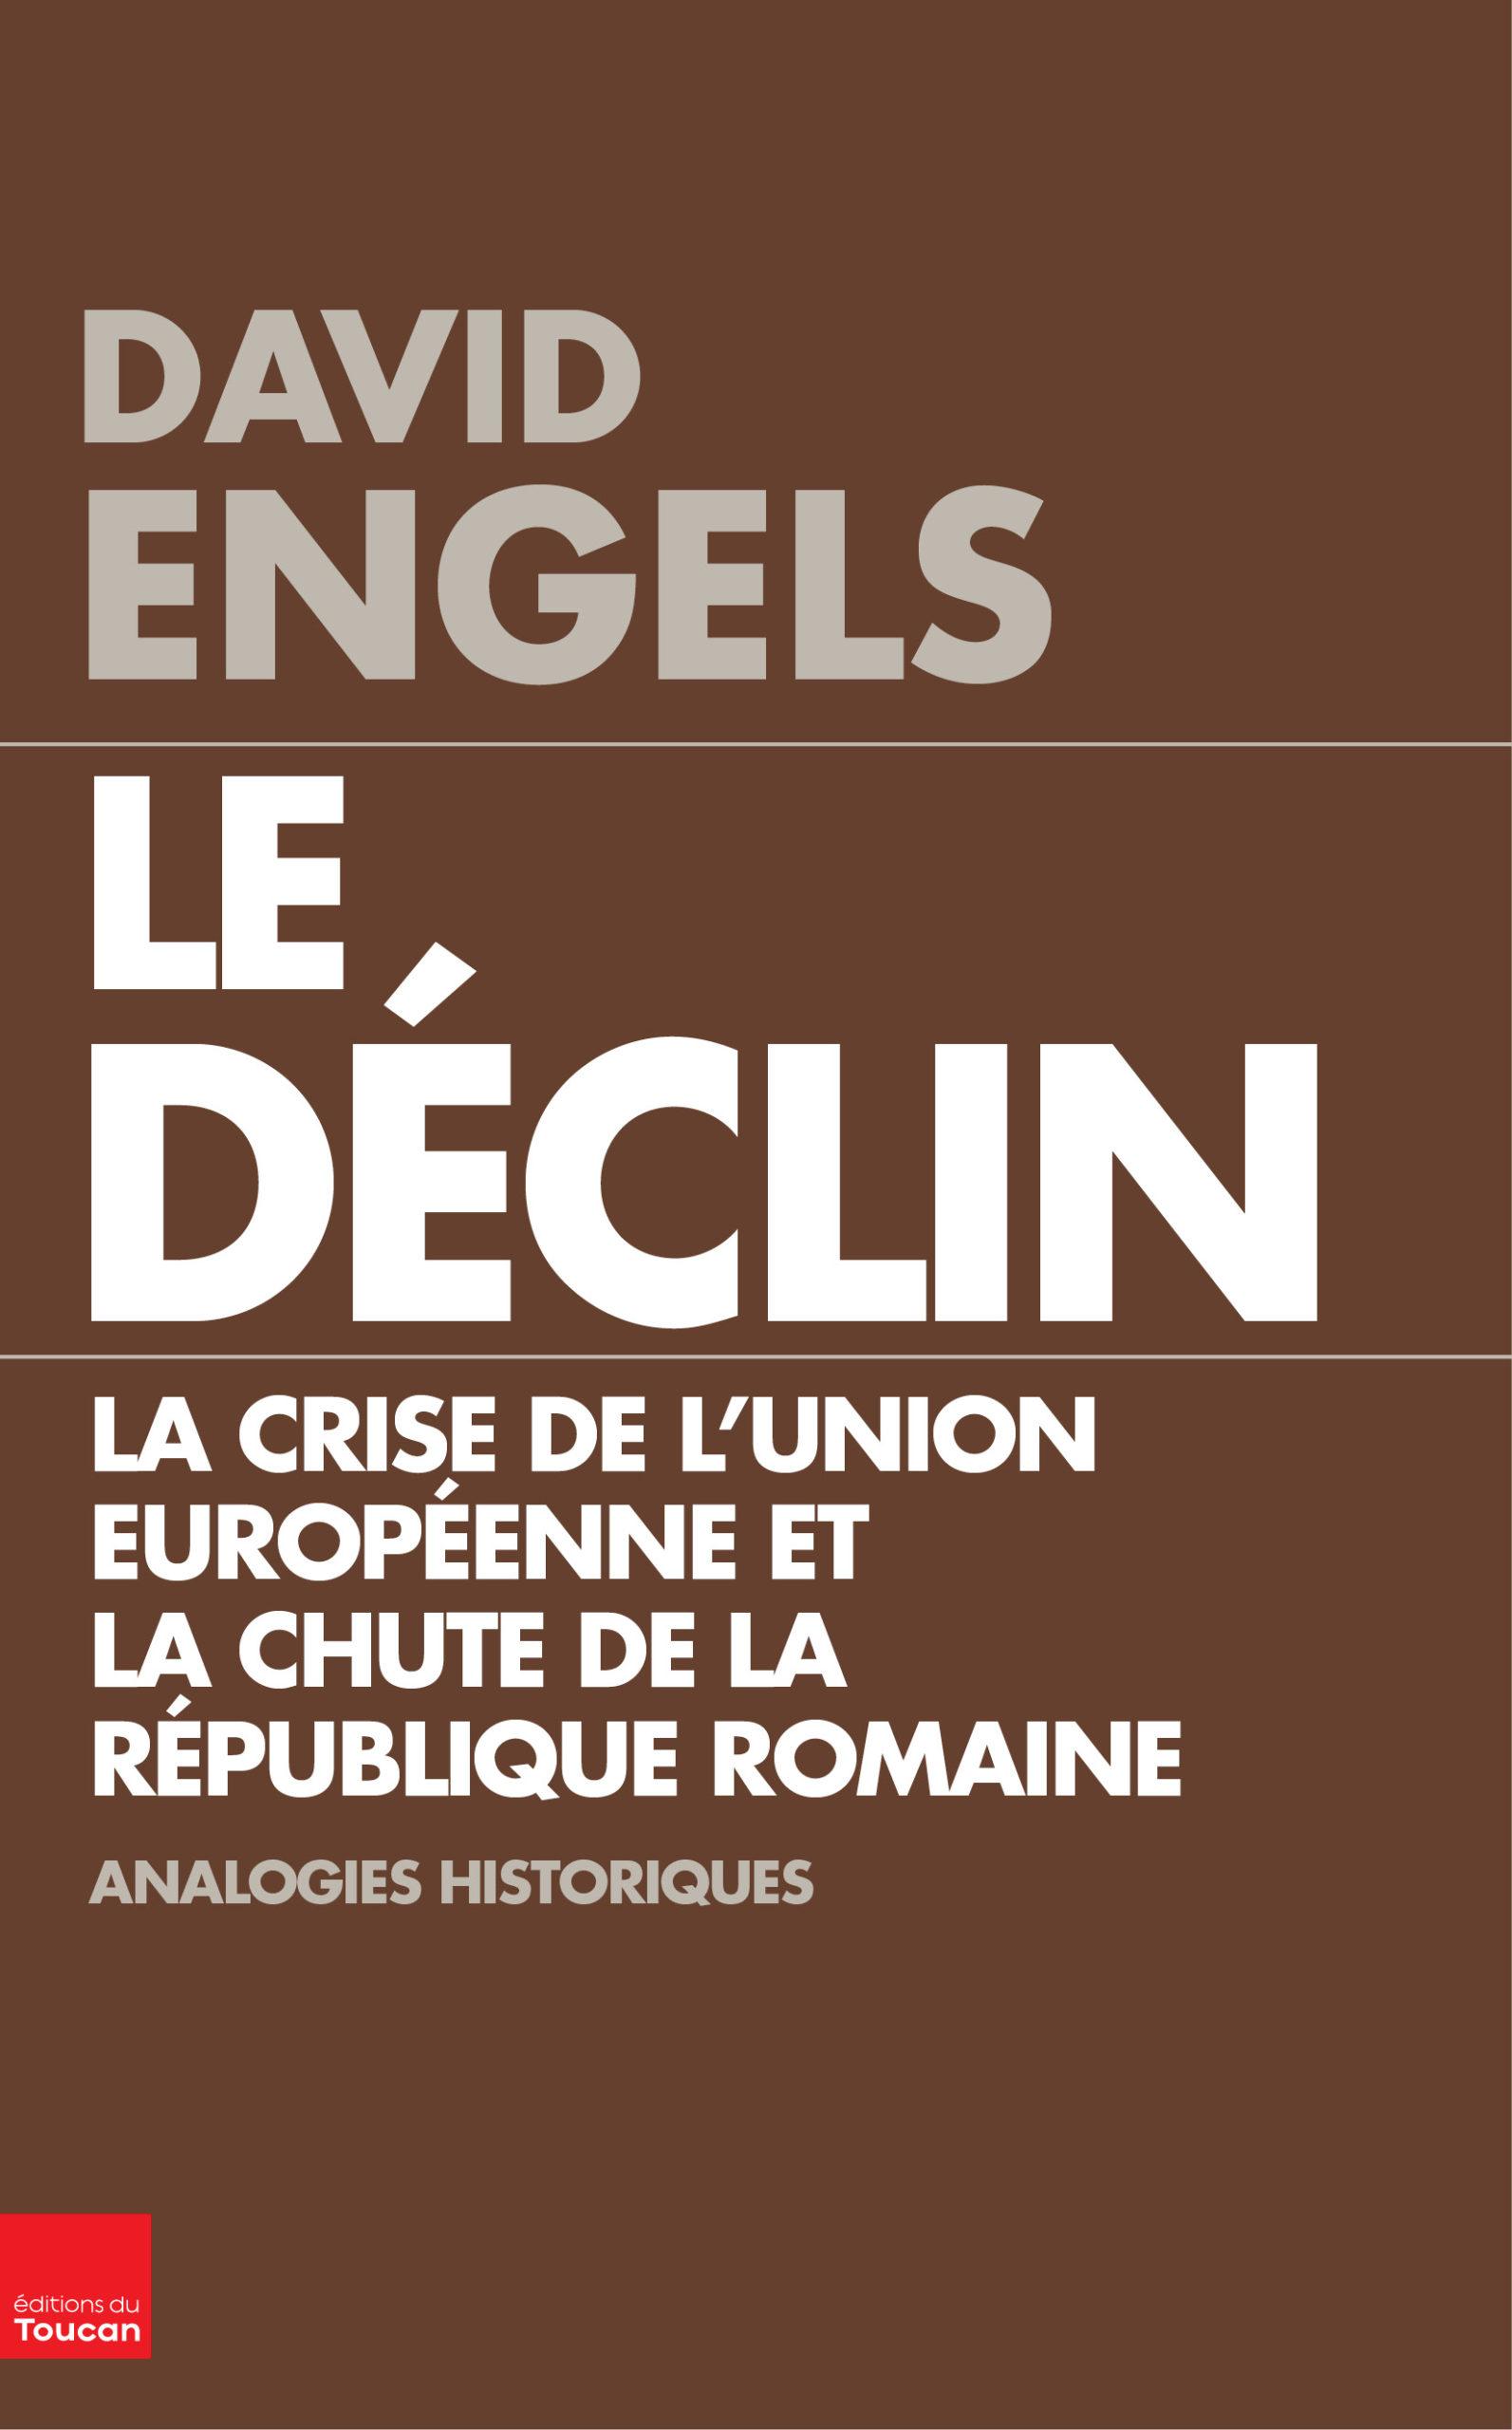 David Engels: Le Déclin. La crise de l'Union européenne et la chute de la république romaine. Analogies historiques. Paris 2013, 384 s.